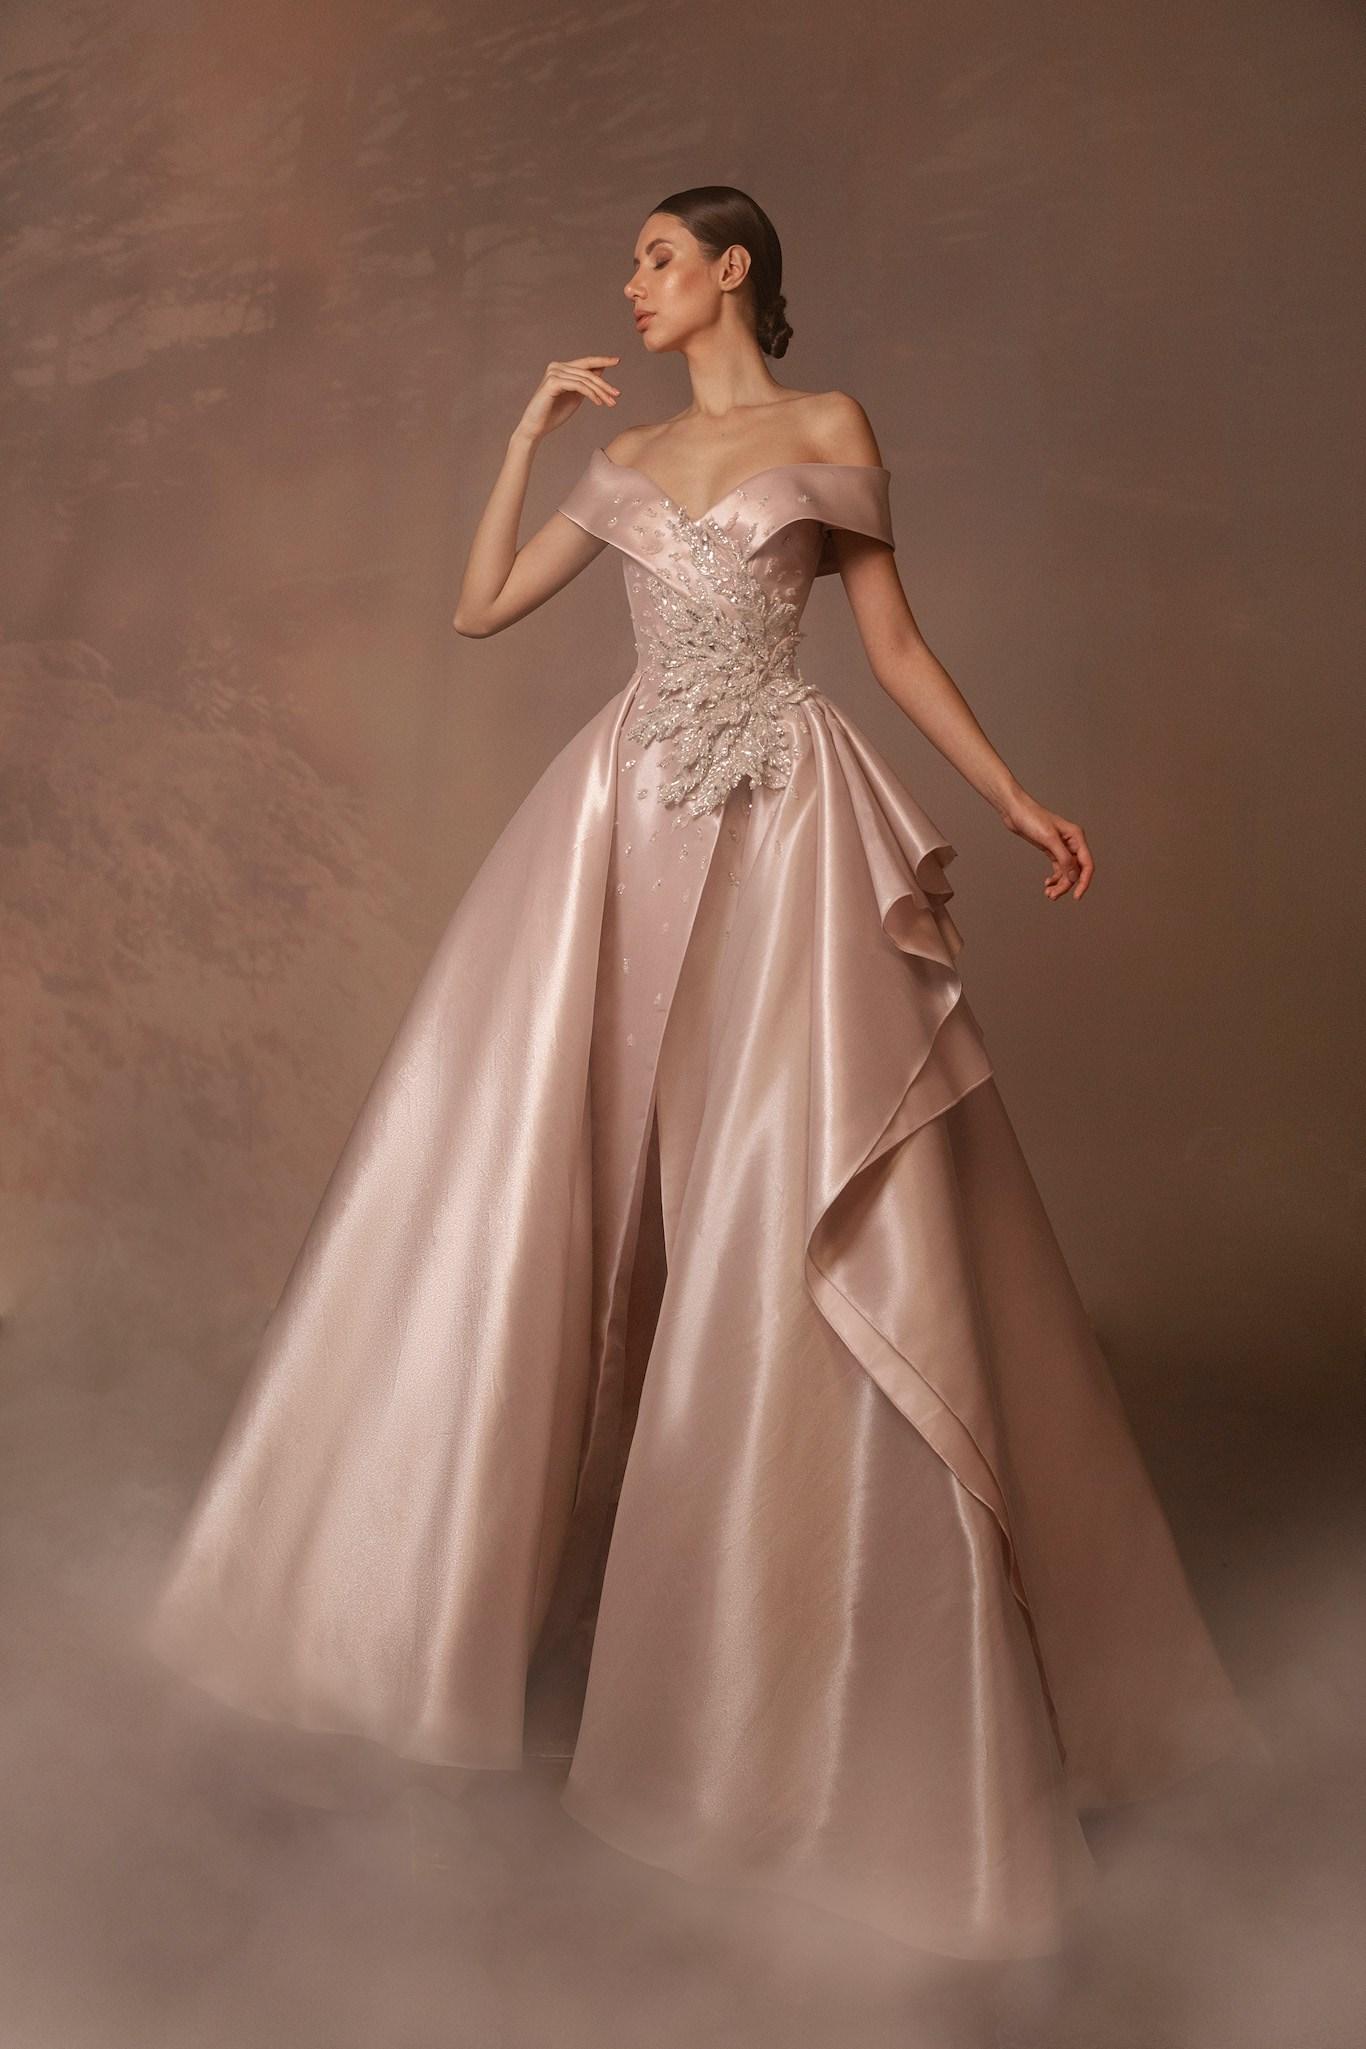 La nuova collezione Haute Couture di Zuhair Murad